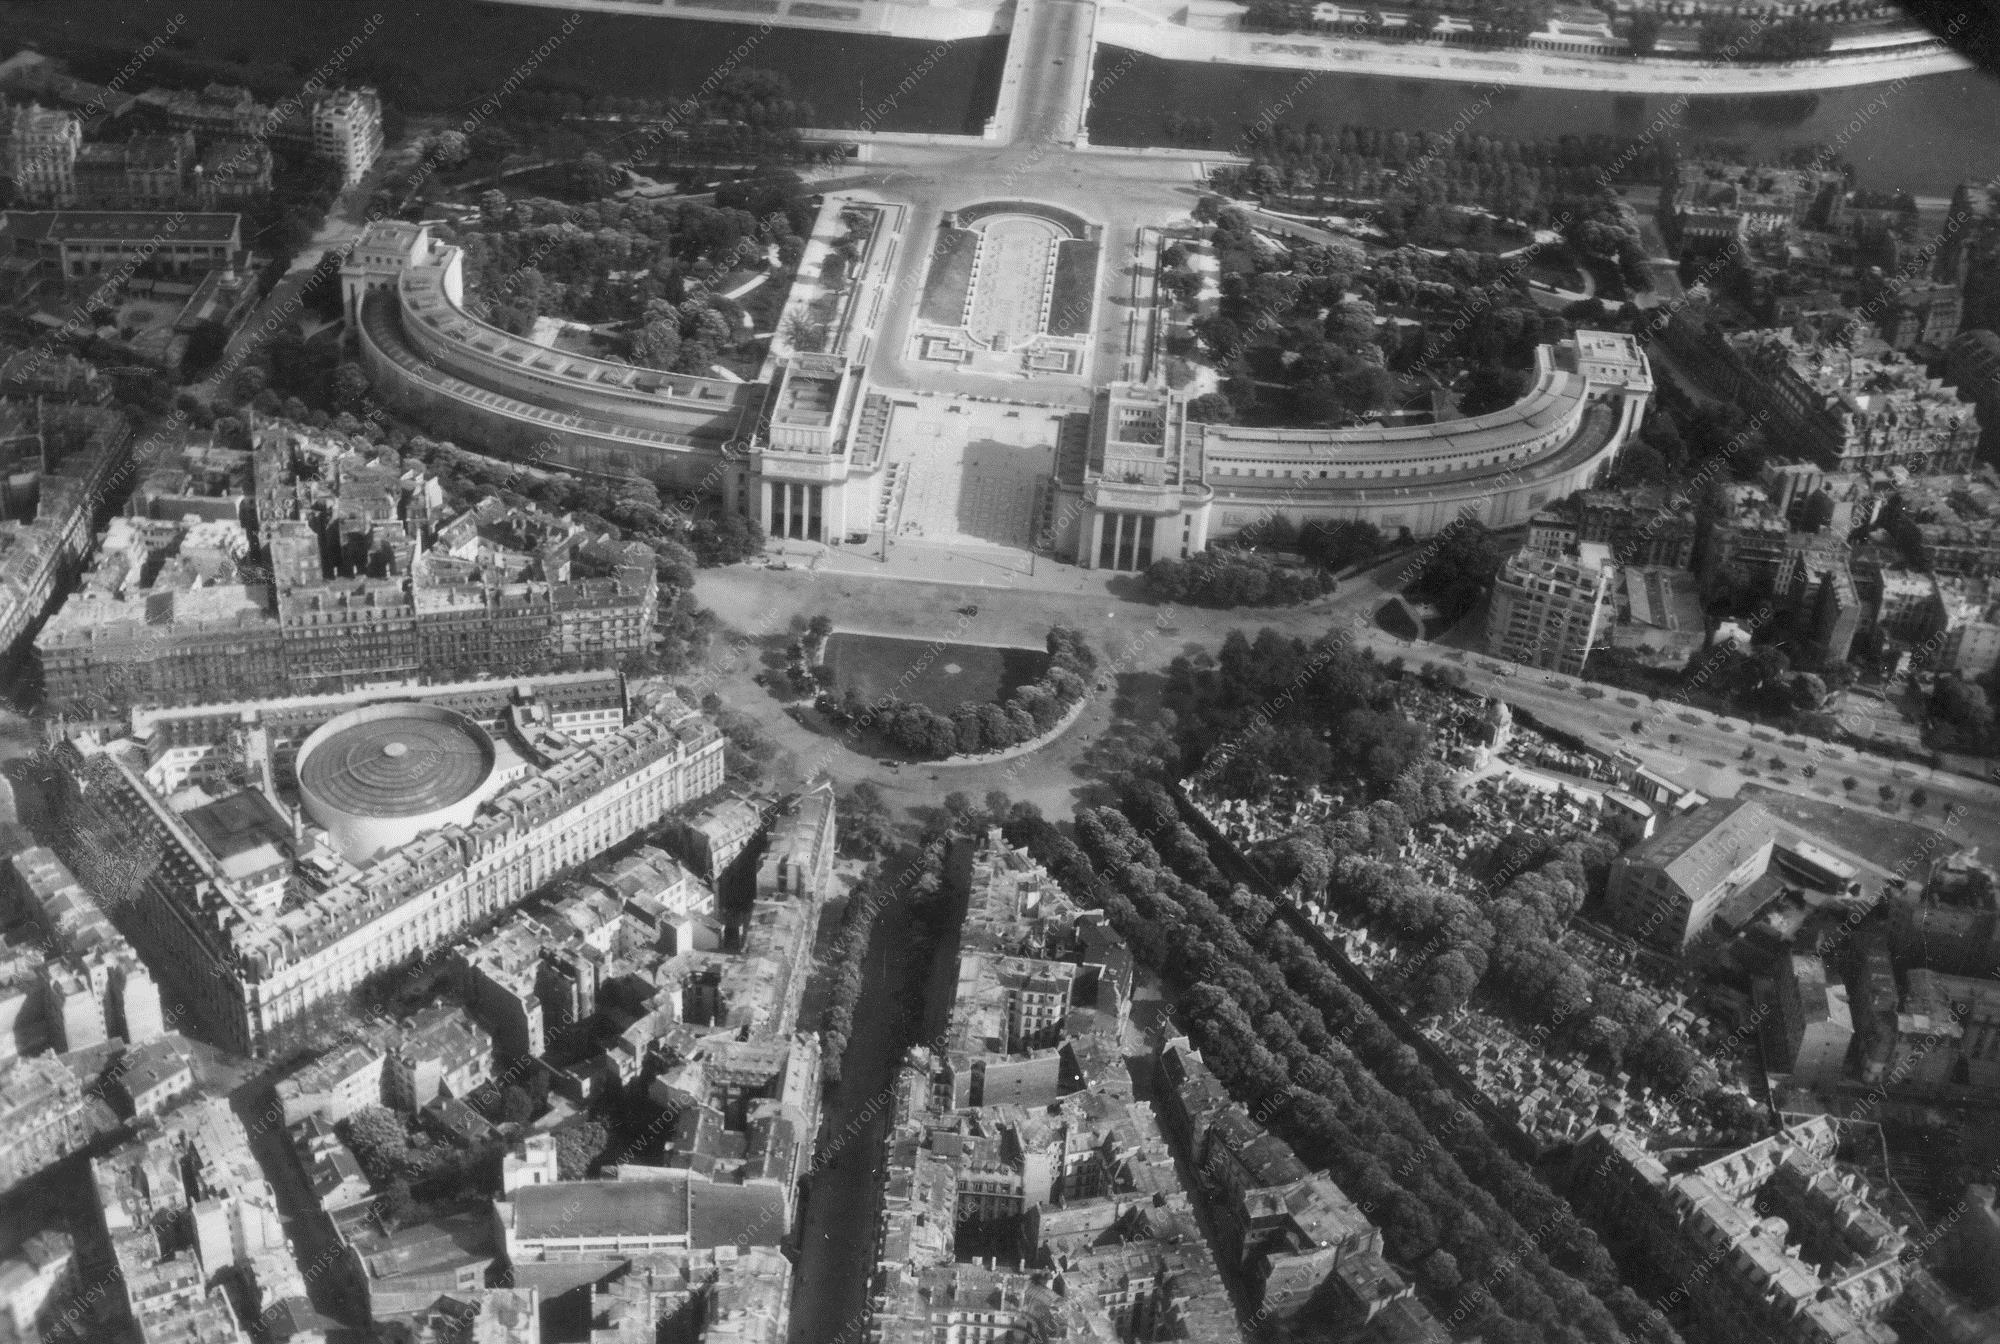 Paris Palais de Chaillot 3/3 - Photo aérienne ancienne